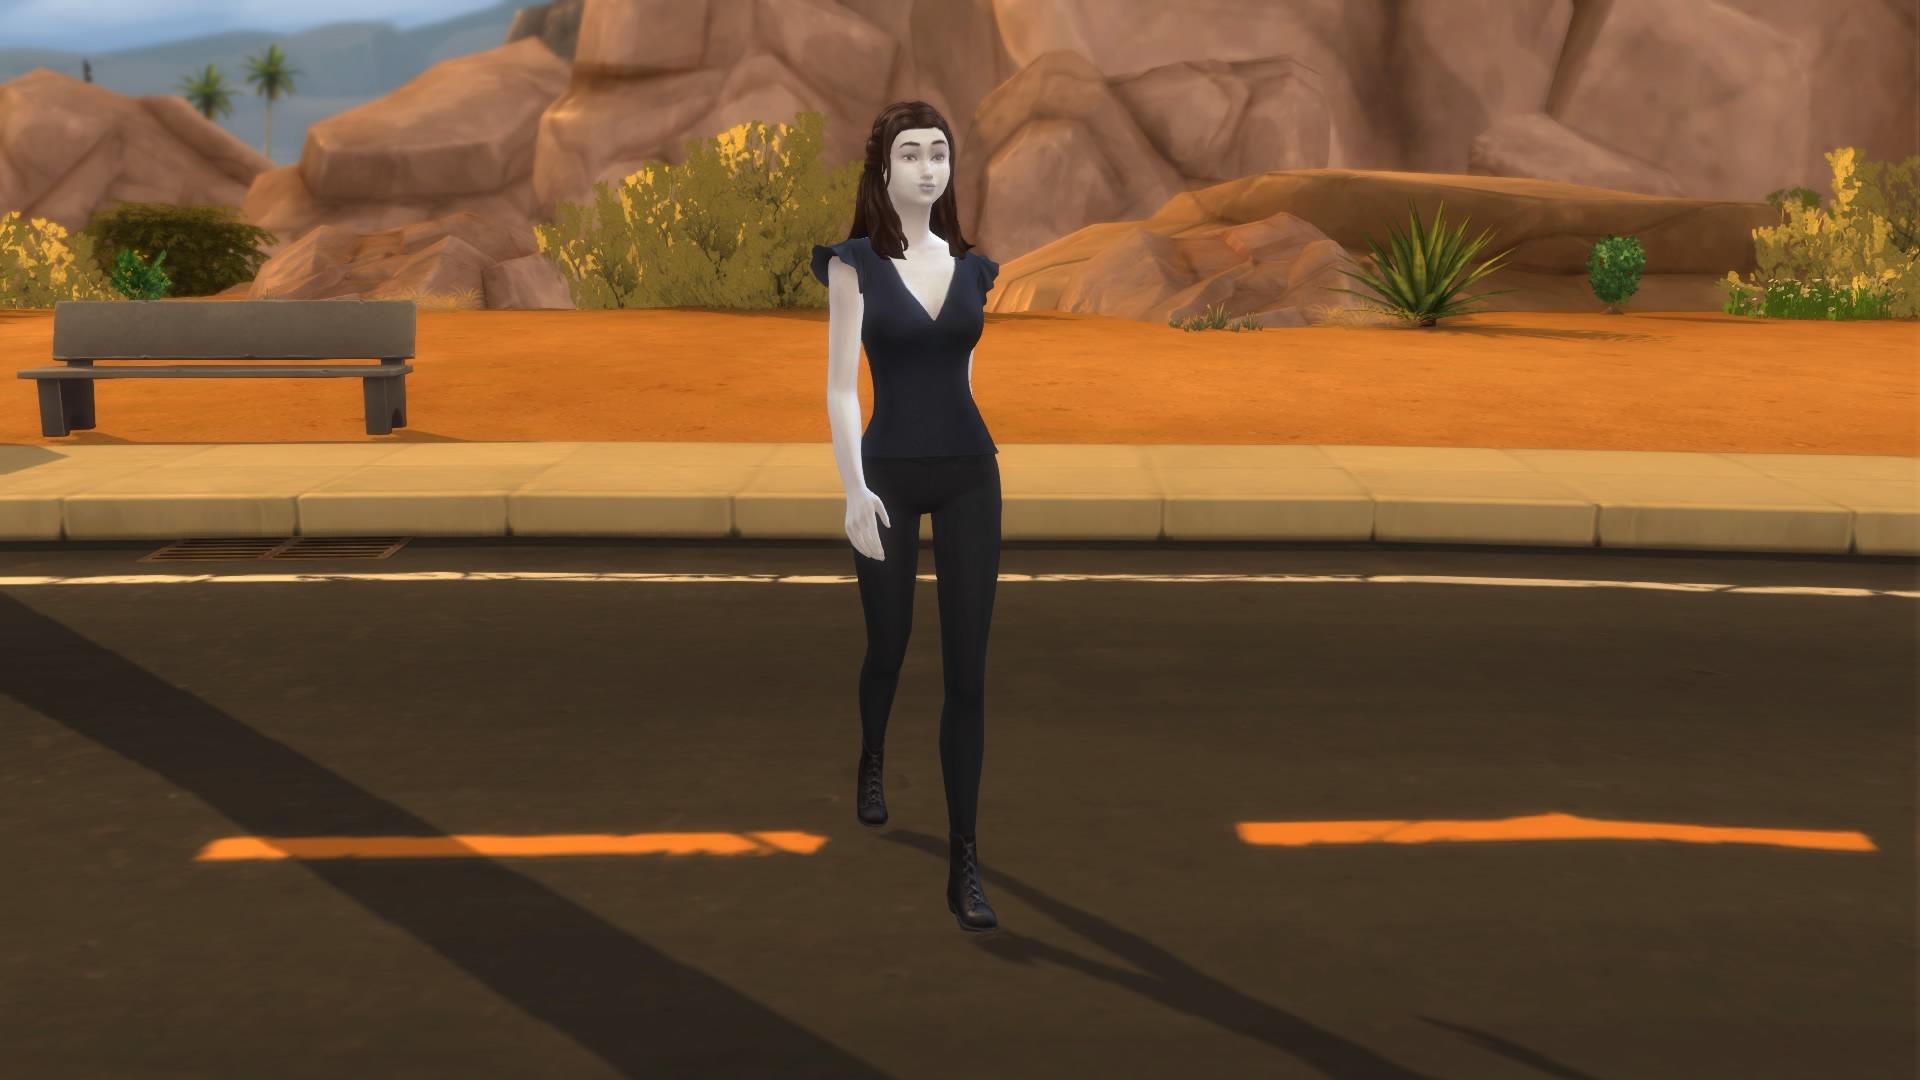 The-Sims-4-20201011223319.jpg